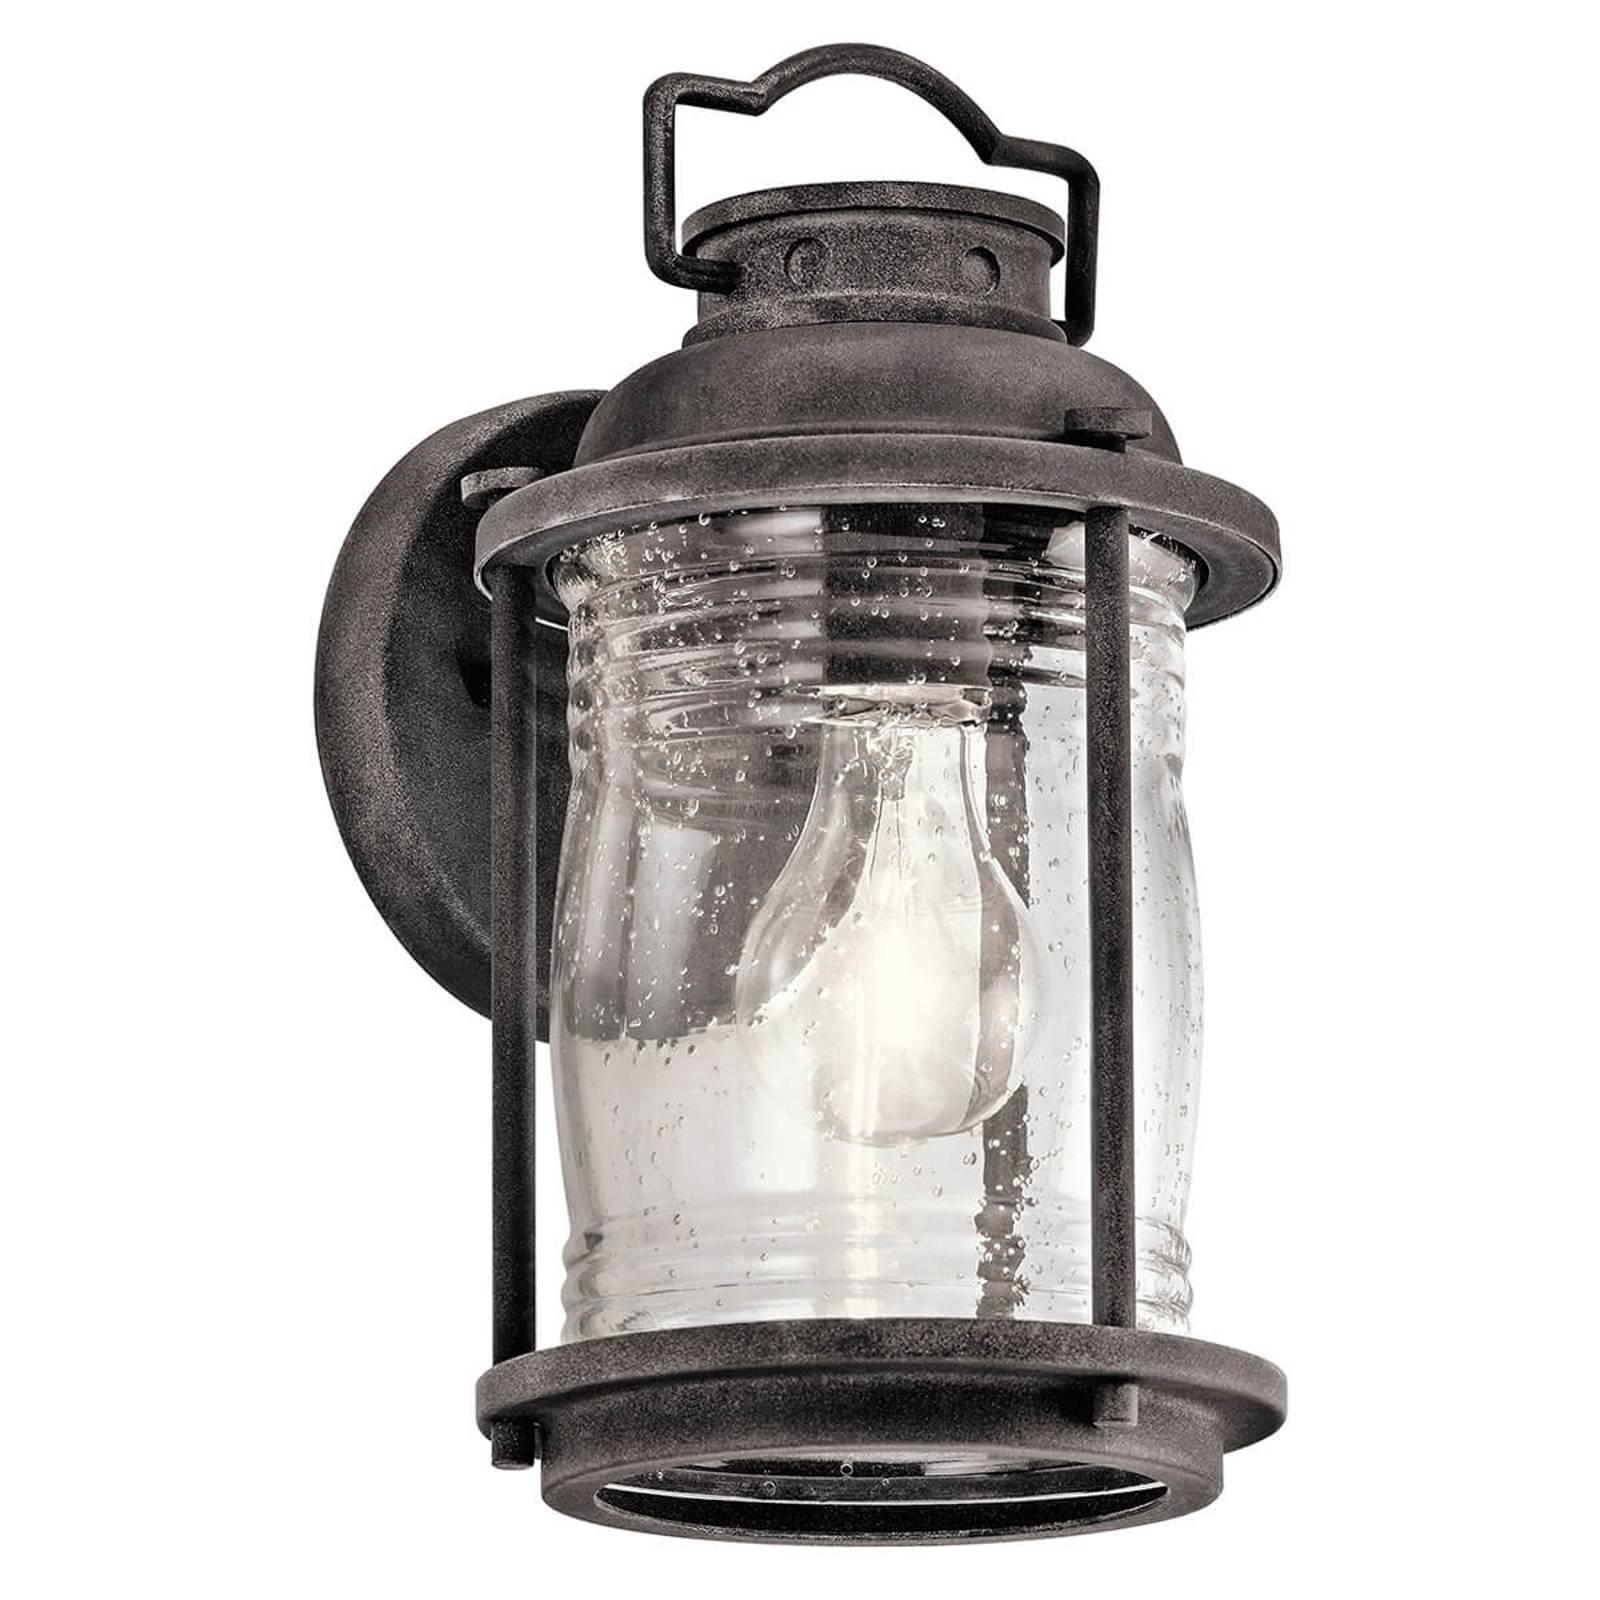 Lanterneformet utendørs vegglampe Ashland Bay